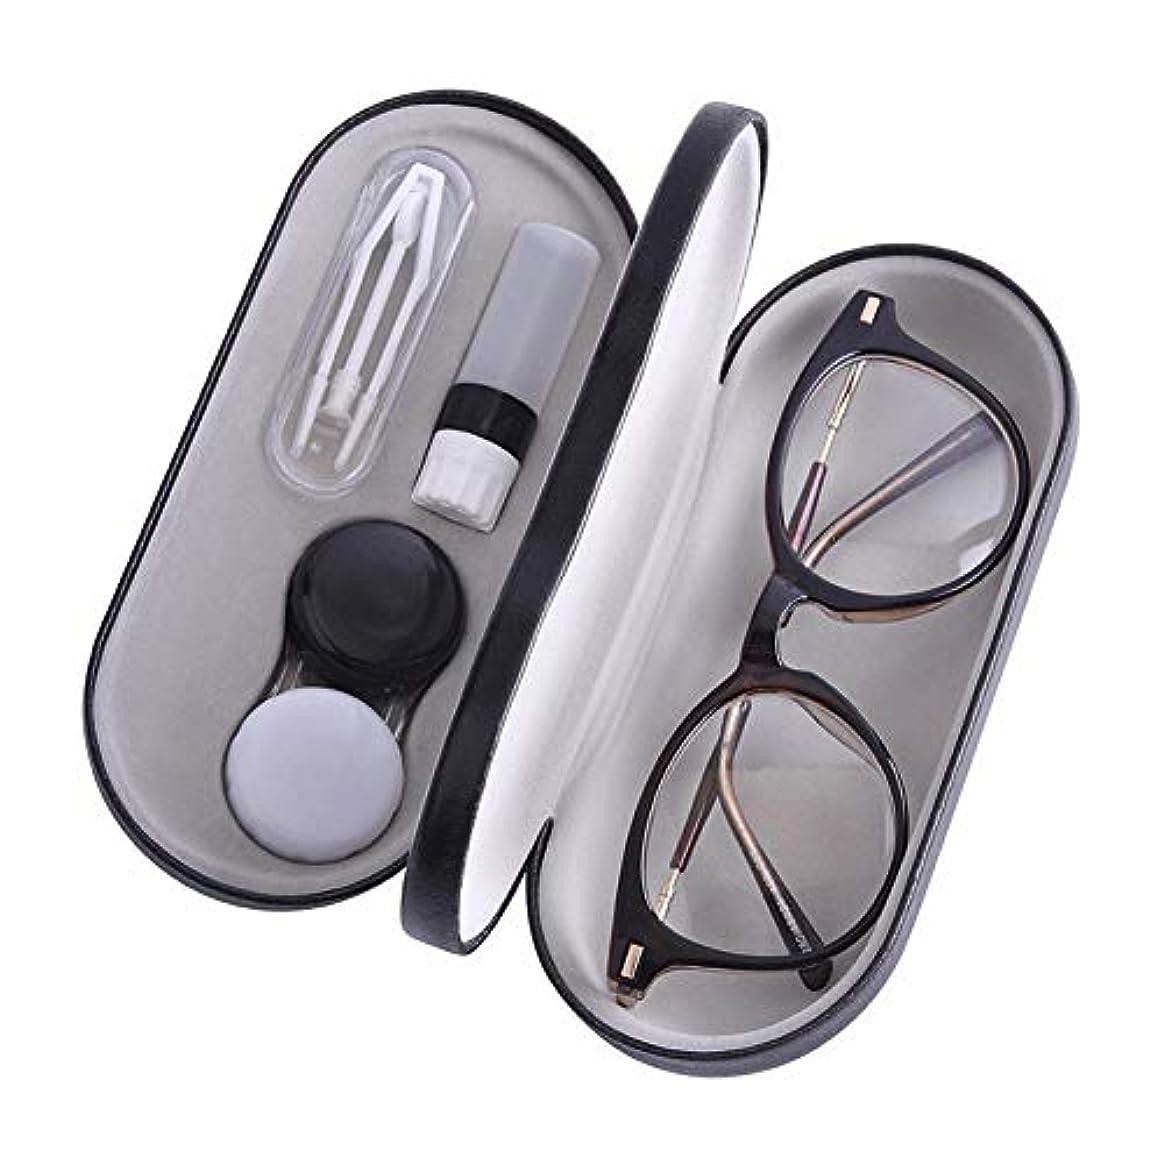 ランチョン面初心者コンタクトレンズケーストラベルホームイノベーション両面メガネ収納ボックストラベルセットボックス携帯しやすいミニボックスコンテナコンタクトレンズフレーム